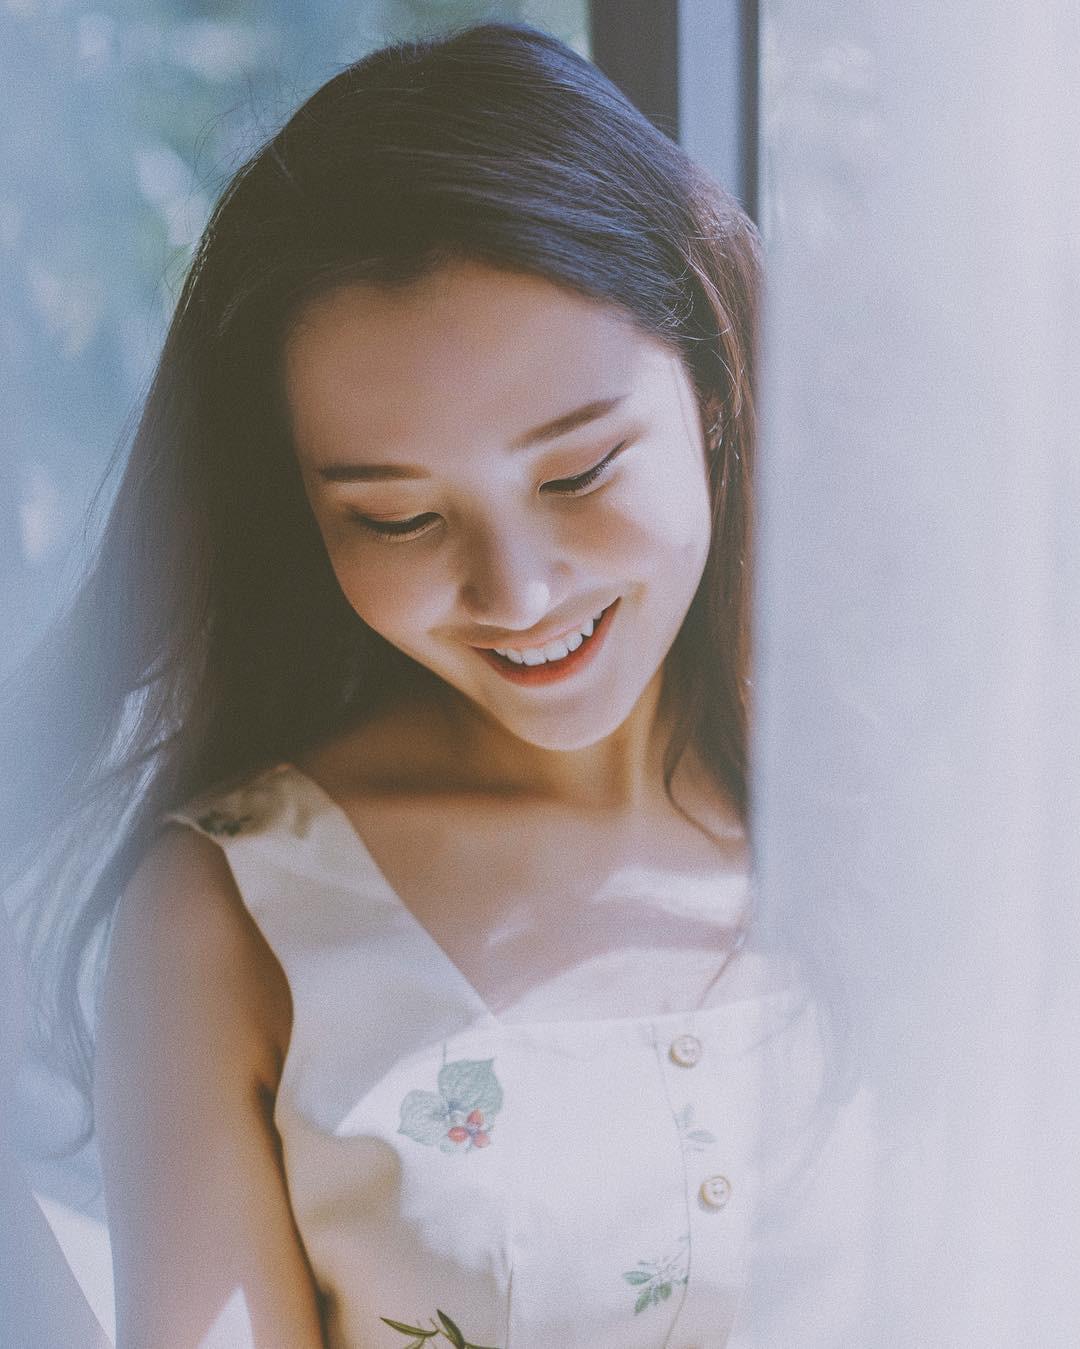 Primmy Trương chia sẻ mình là cô gái cung Bò Cạp yêu rất bản năng, khi hết tình thì sẽ tự động rời bỏ - Ảnh 1.